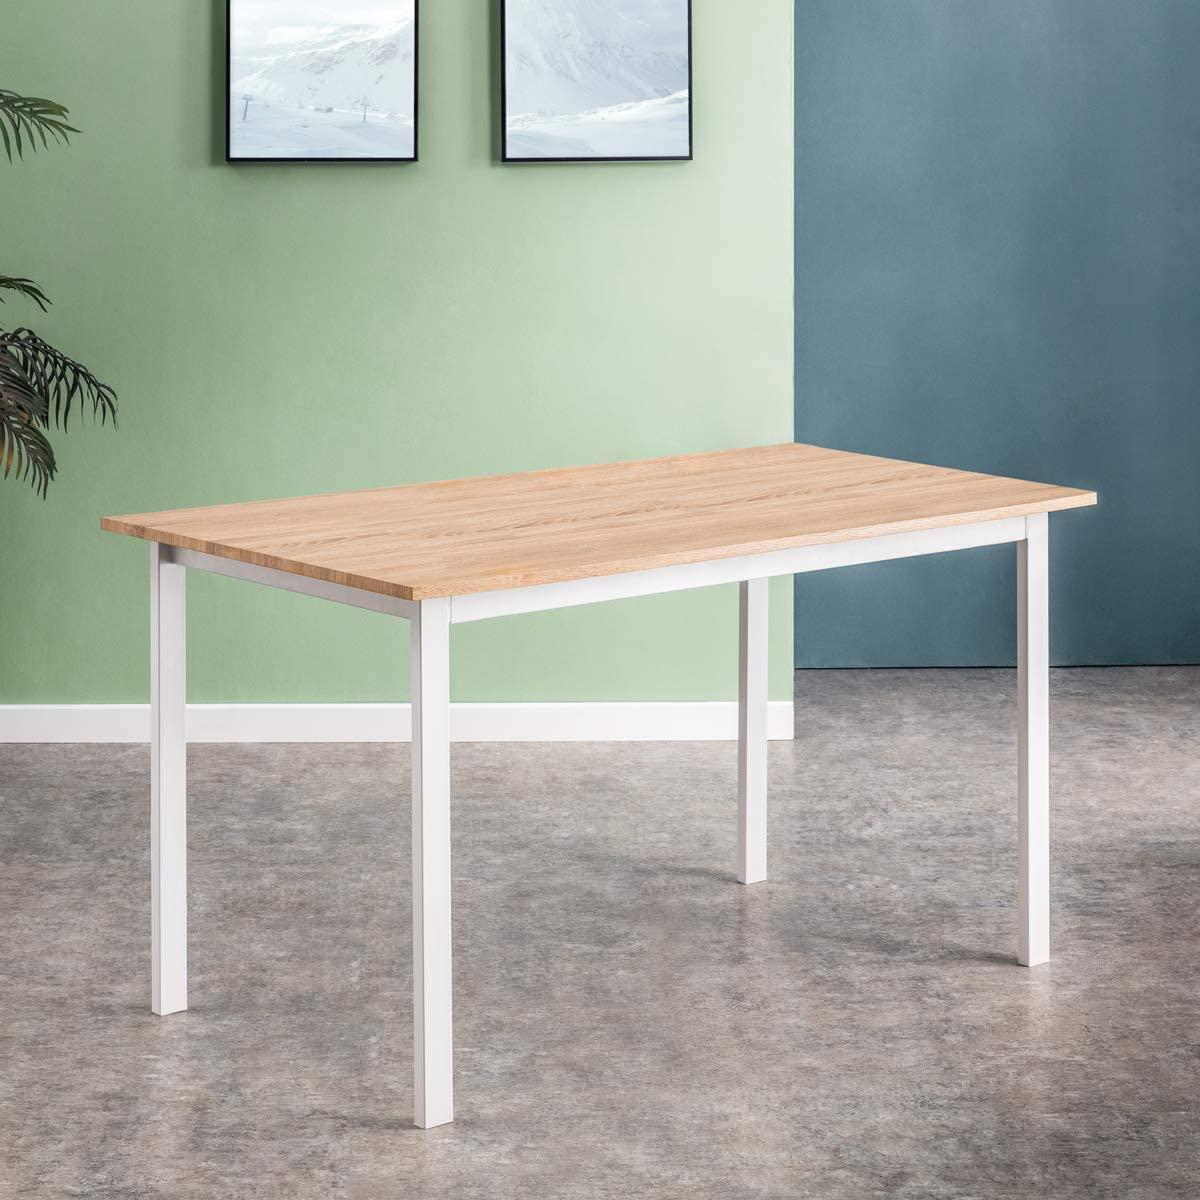 Mc Haus KENIA - Mesa Nórdica Rectangular Comedor de madera Natural MDF con estructura de Metal Blanca mate, Mesa Cocina Salón Escritorio Diseño Moderno 140x80x77cm